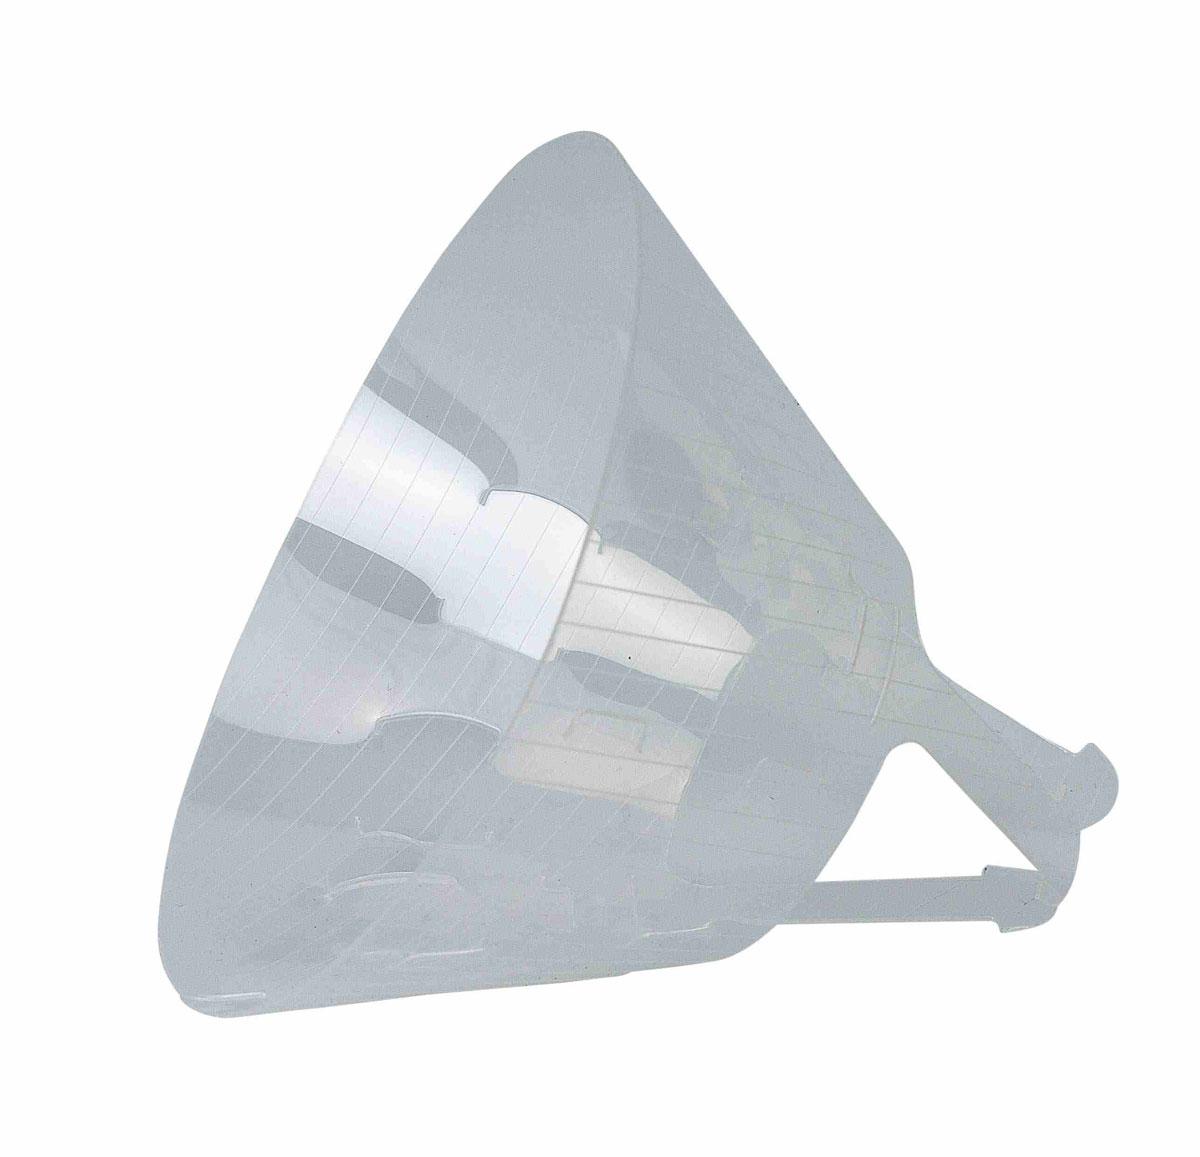 Защитный воротник для животных Kruuse Buster, высота 7,5 см. 273480273480Защитный воротник Kruuse Buster изготовлен из высококачественного нетоксичного пластика, который позволяет сохранять углы обзора для животного. Изделие разработано для ограничения доступа собаки к заживающей ране или послеоперационному шву. Простота в эксплуатации позволяет хозяевам самостоятельно одевать и снимать защитный воротник с собаки. Подходит для собак мелких пород. Обхват шеи: 15-17 см. Высота воротника: 7,5 см.